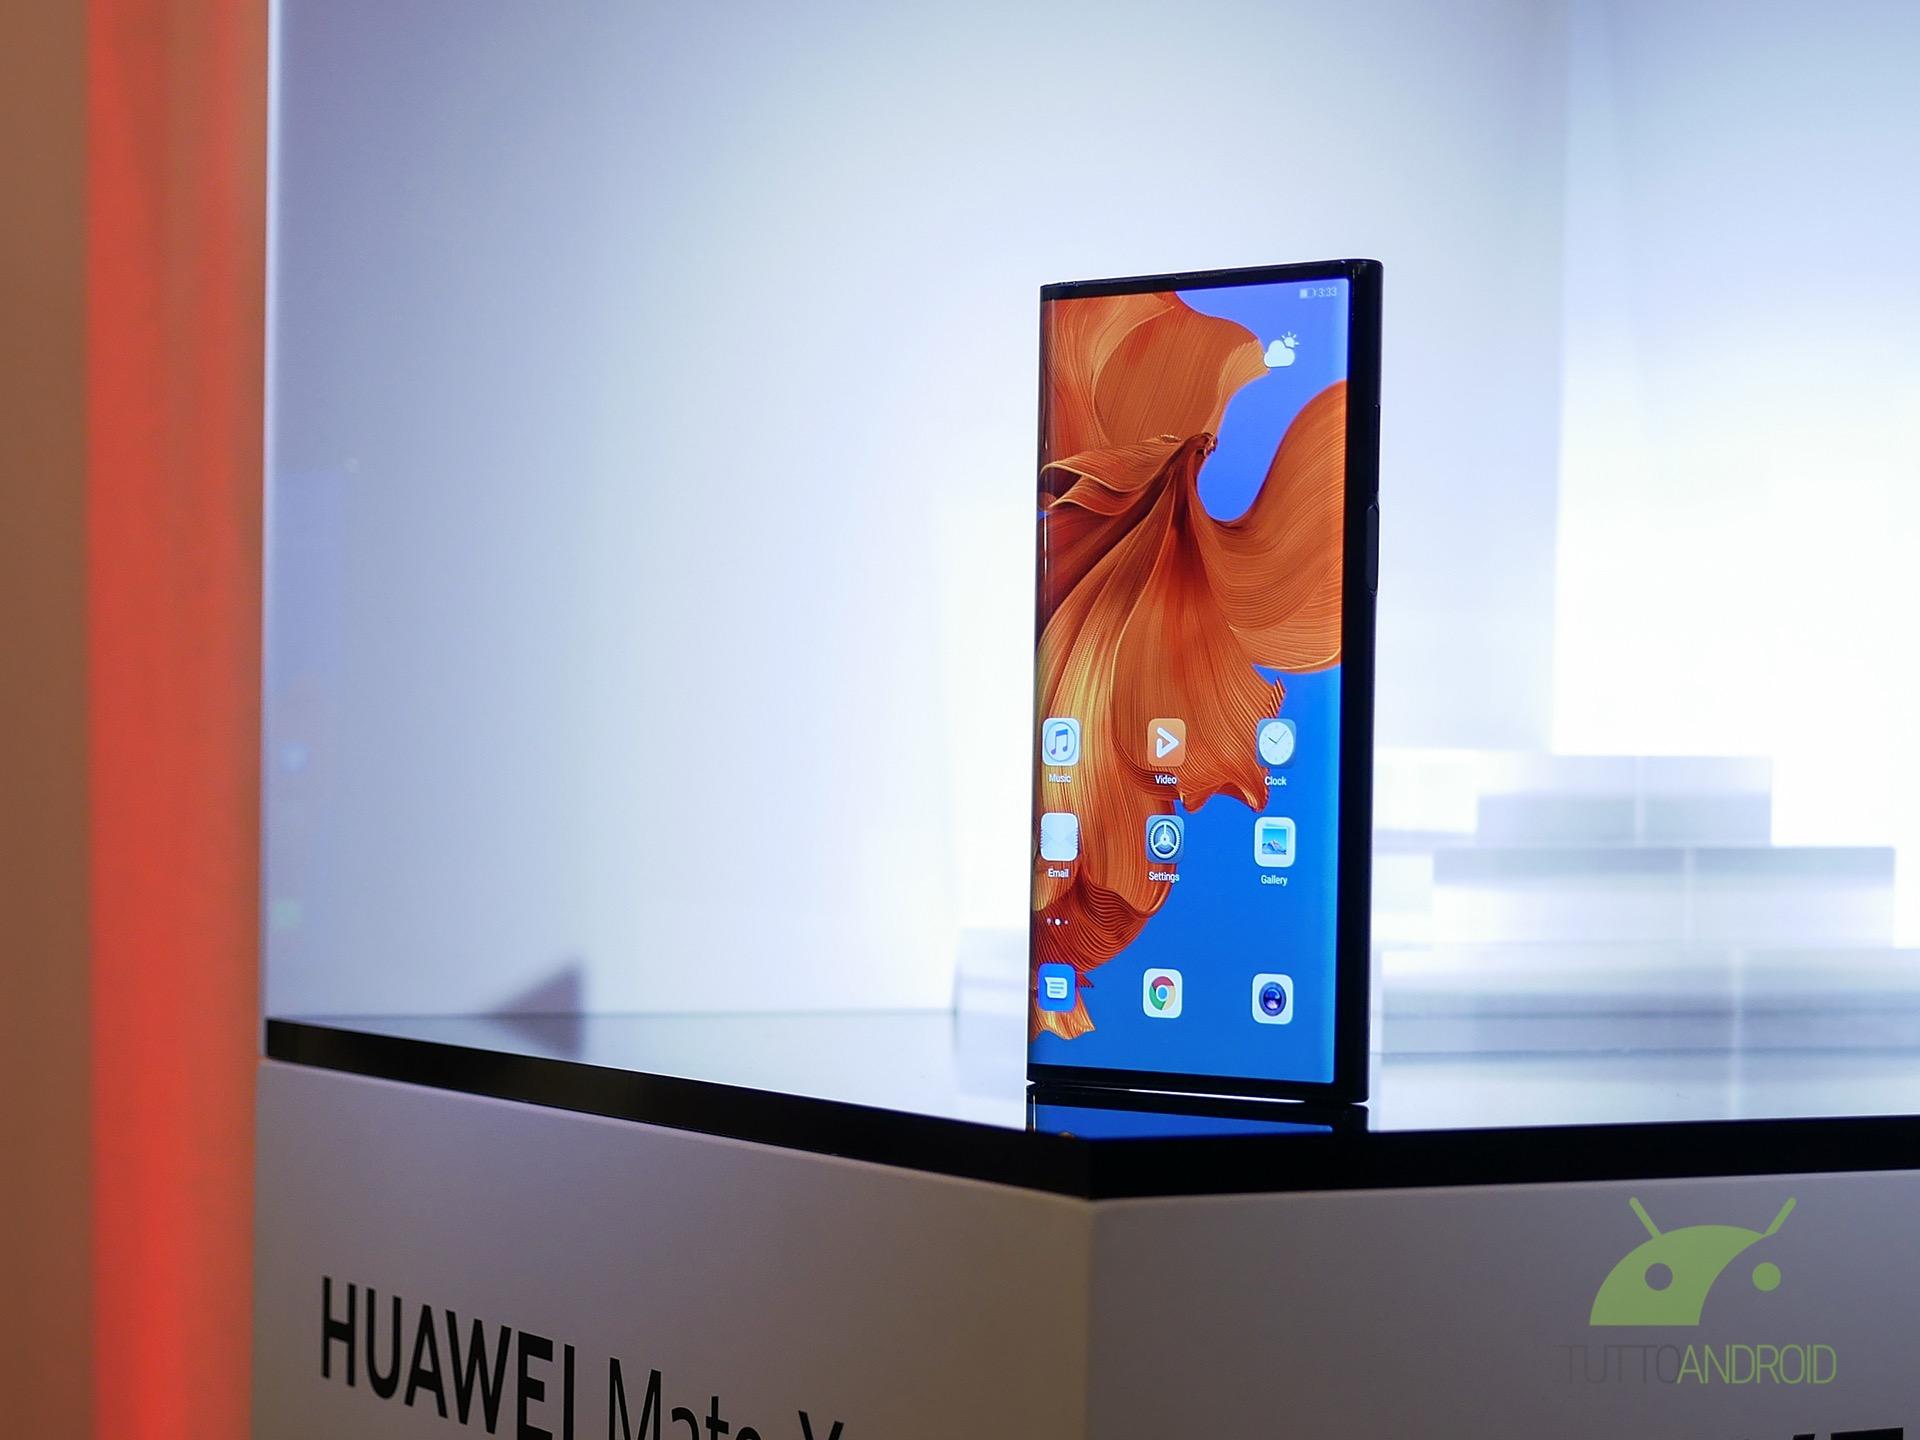 Il prezzo europeo di Huawei Mate X sarà molto più elevato di quello cinese